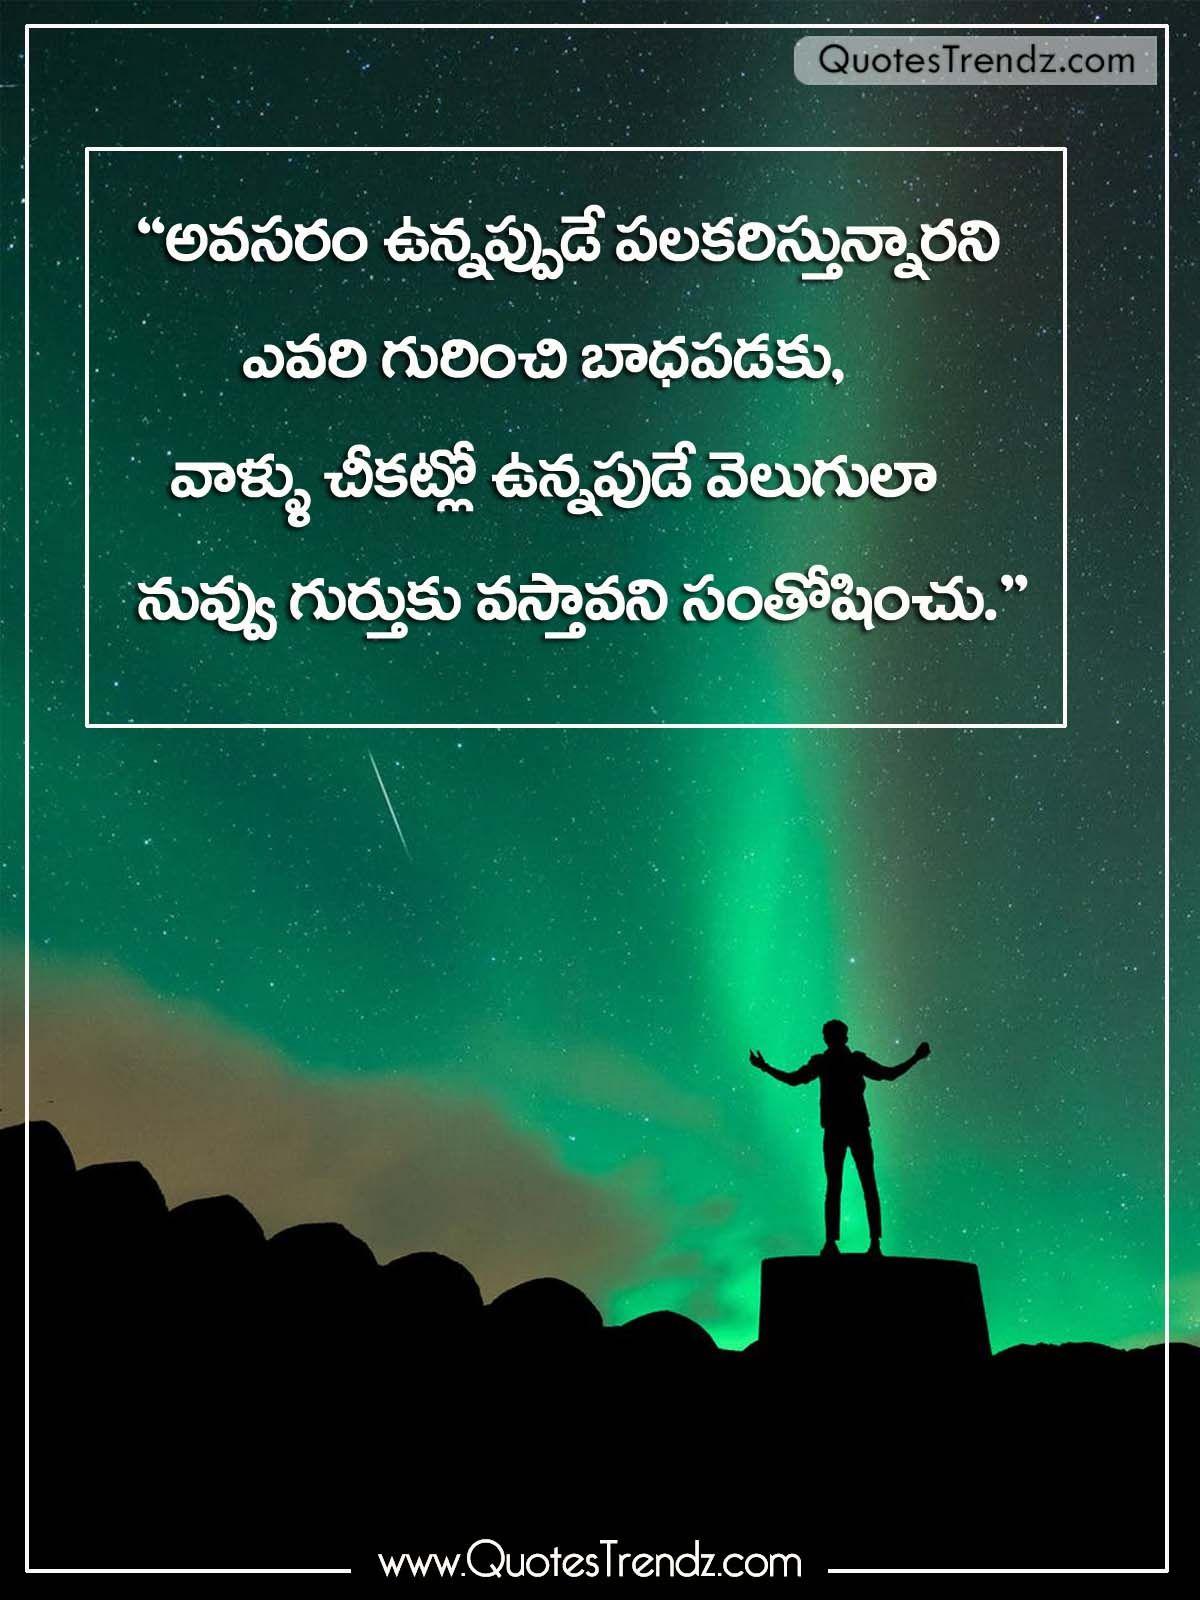 Telugu Inspirational Quotes Telugu Inspirational Quotes Good Life Quotes Motivational Good Morning Quotes